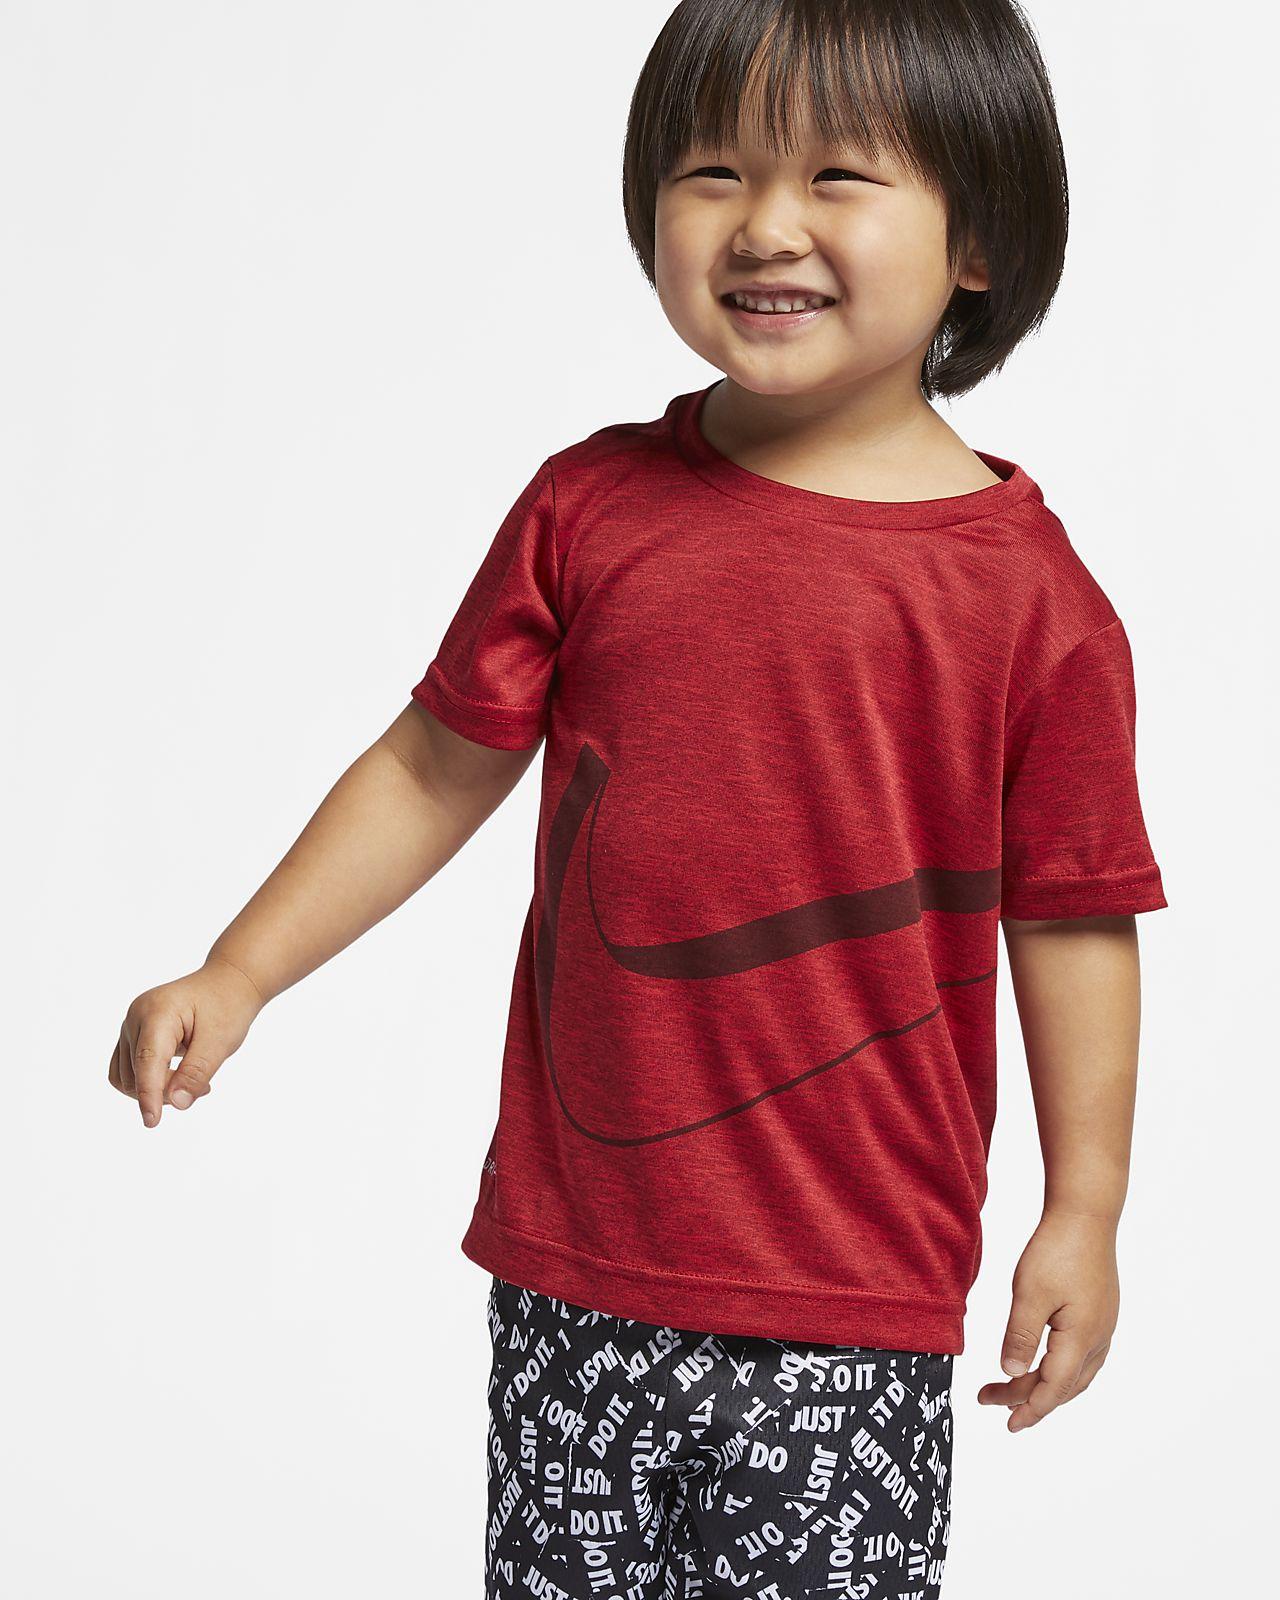 T-shirt dla małych dzieci Nike Breathe